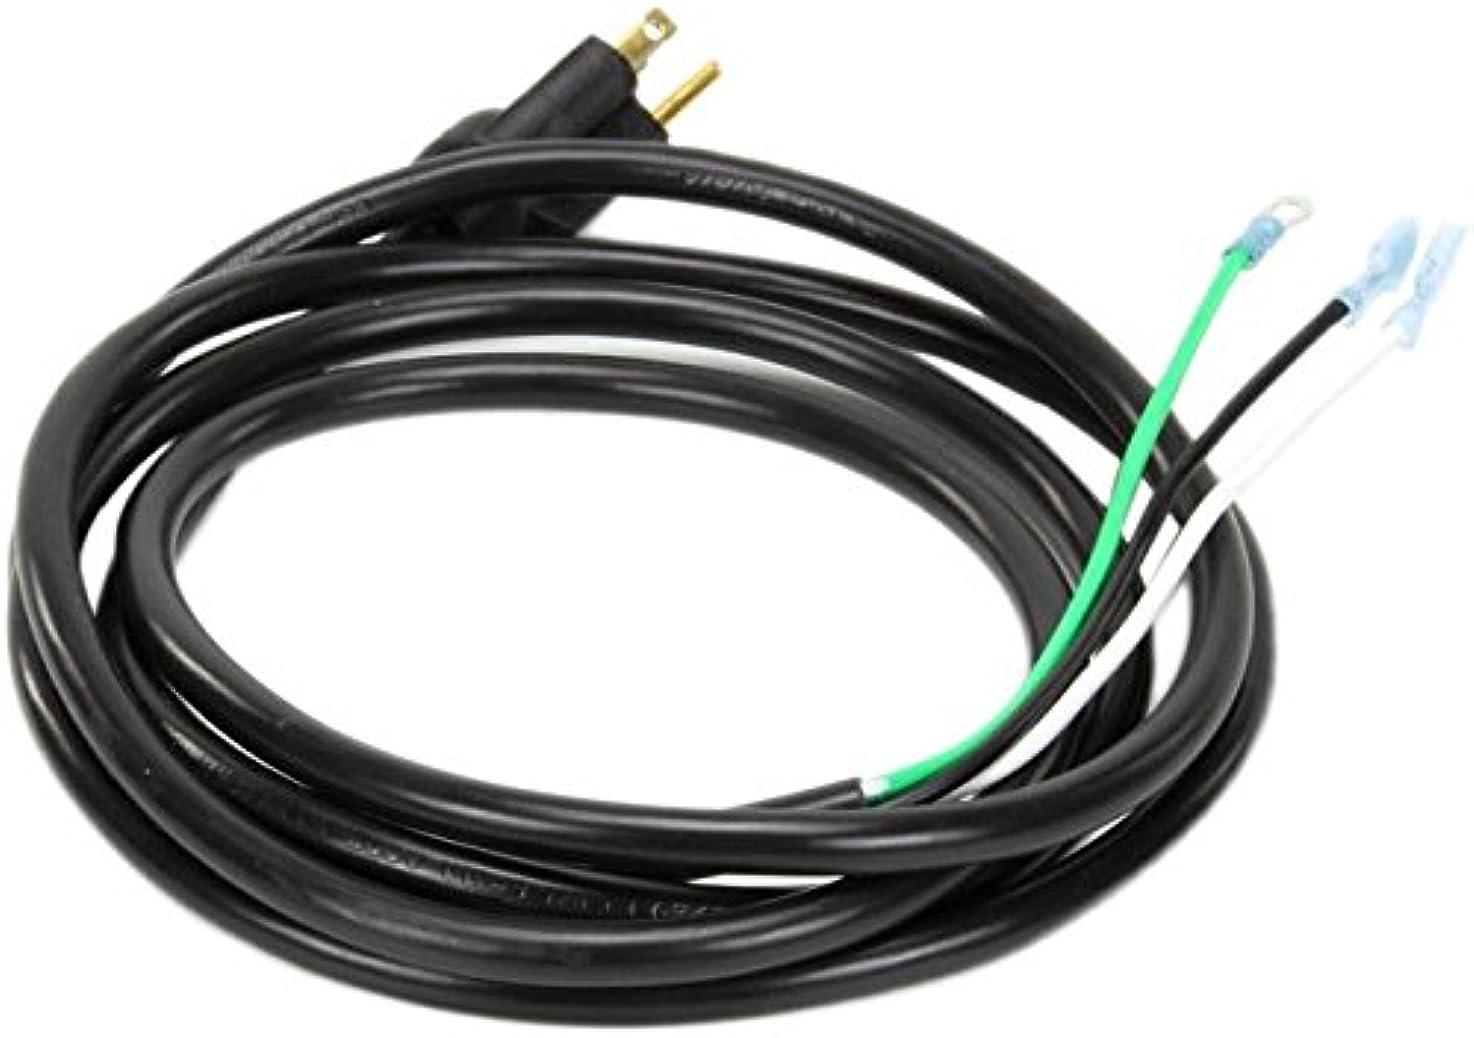 Doughpro 110969174 Cord, Power 120 Volt, 14/3 Sjt